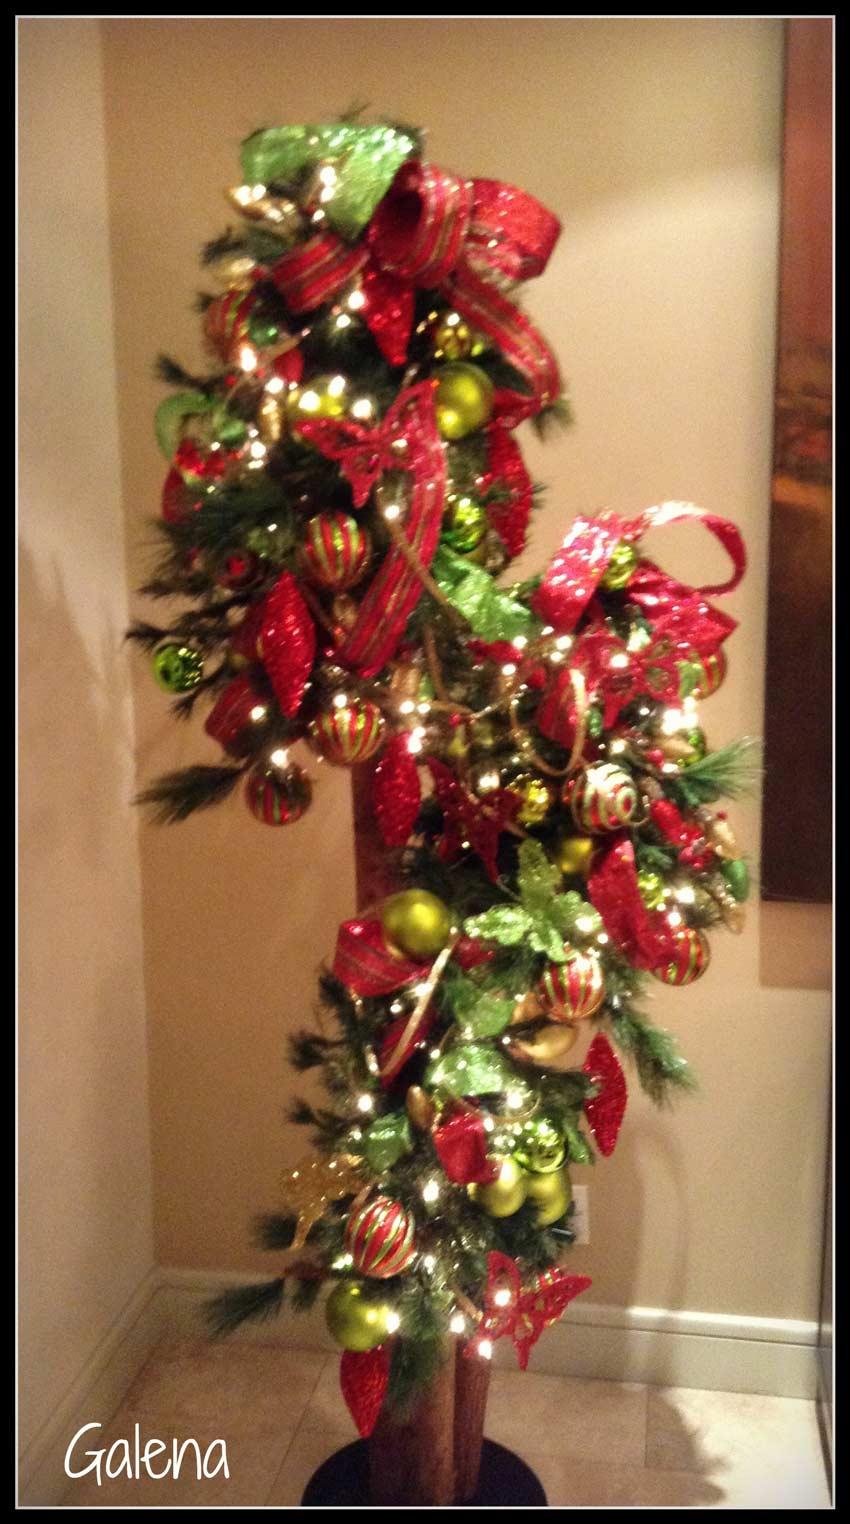 Decoraci n de navidad rojo con verde ana galena - Decoracion arbol navidad 2014 ...